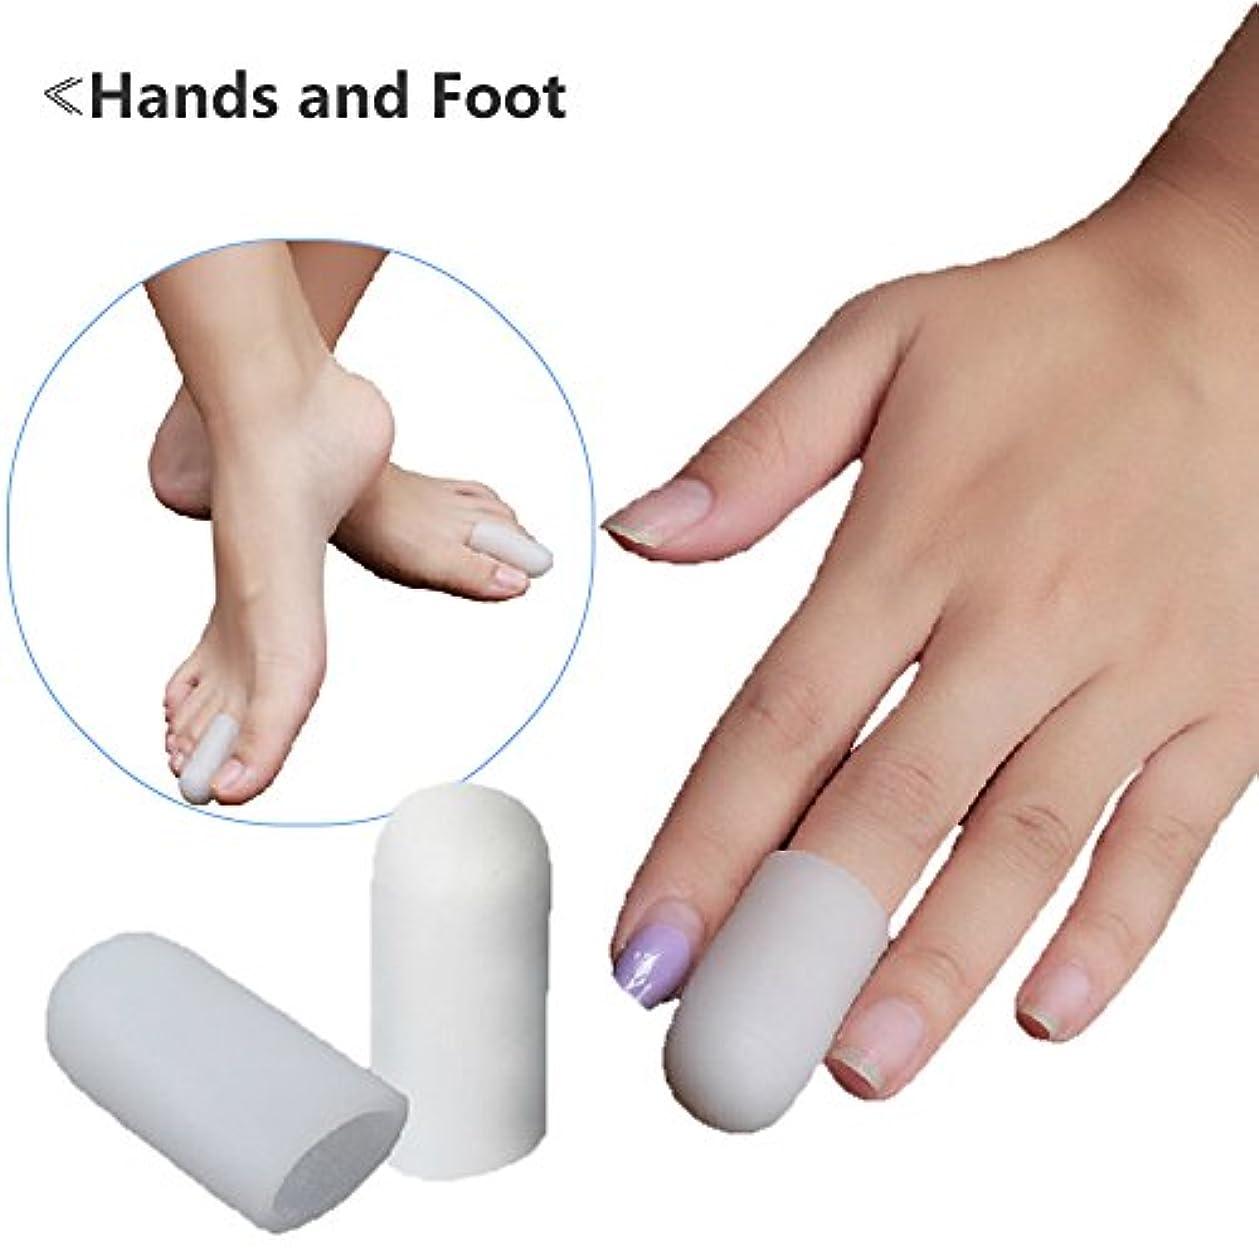 才能シルエット忠誠つま先プロテクター ランニング時の足先のつめ保護キャップ,指キャップ,〈2個入〉 (M(3.5cm))